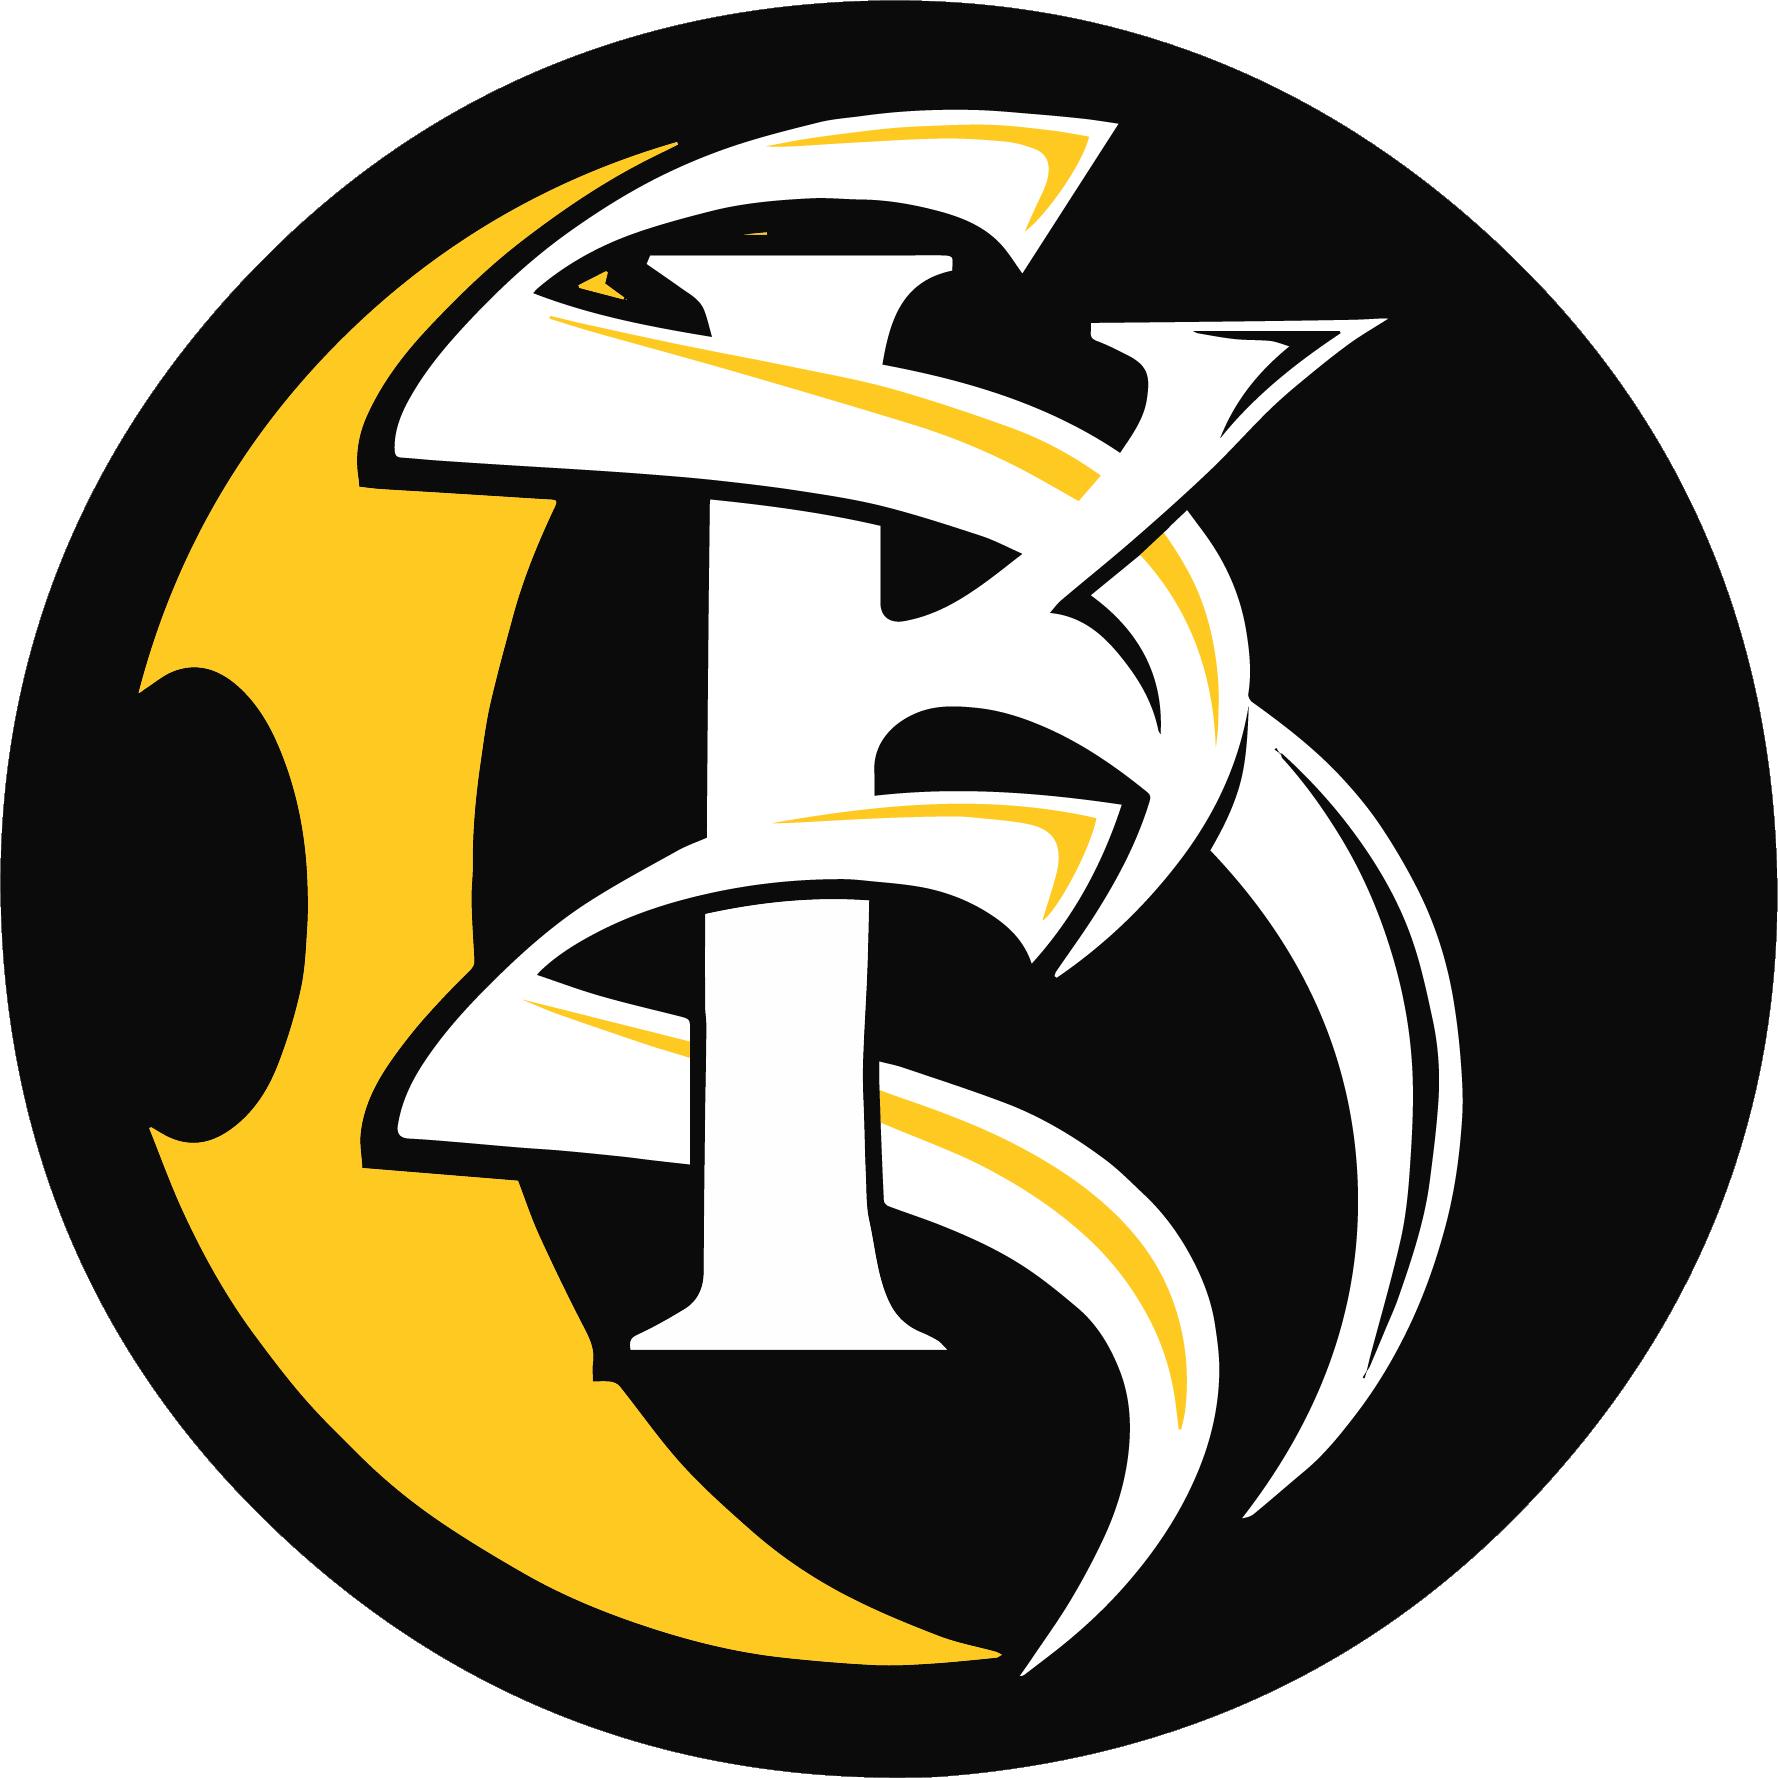 skss logo